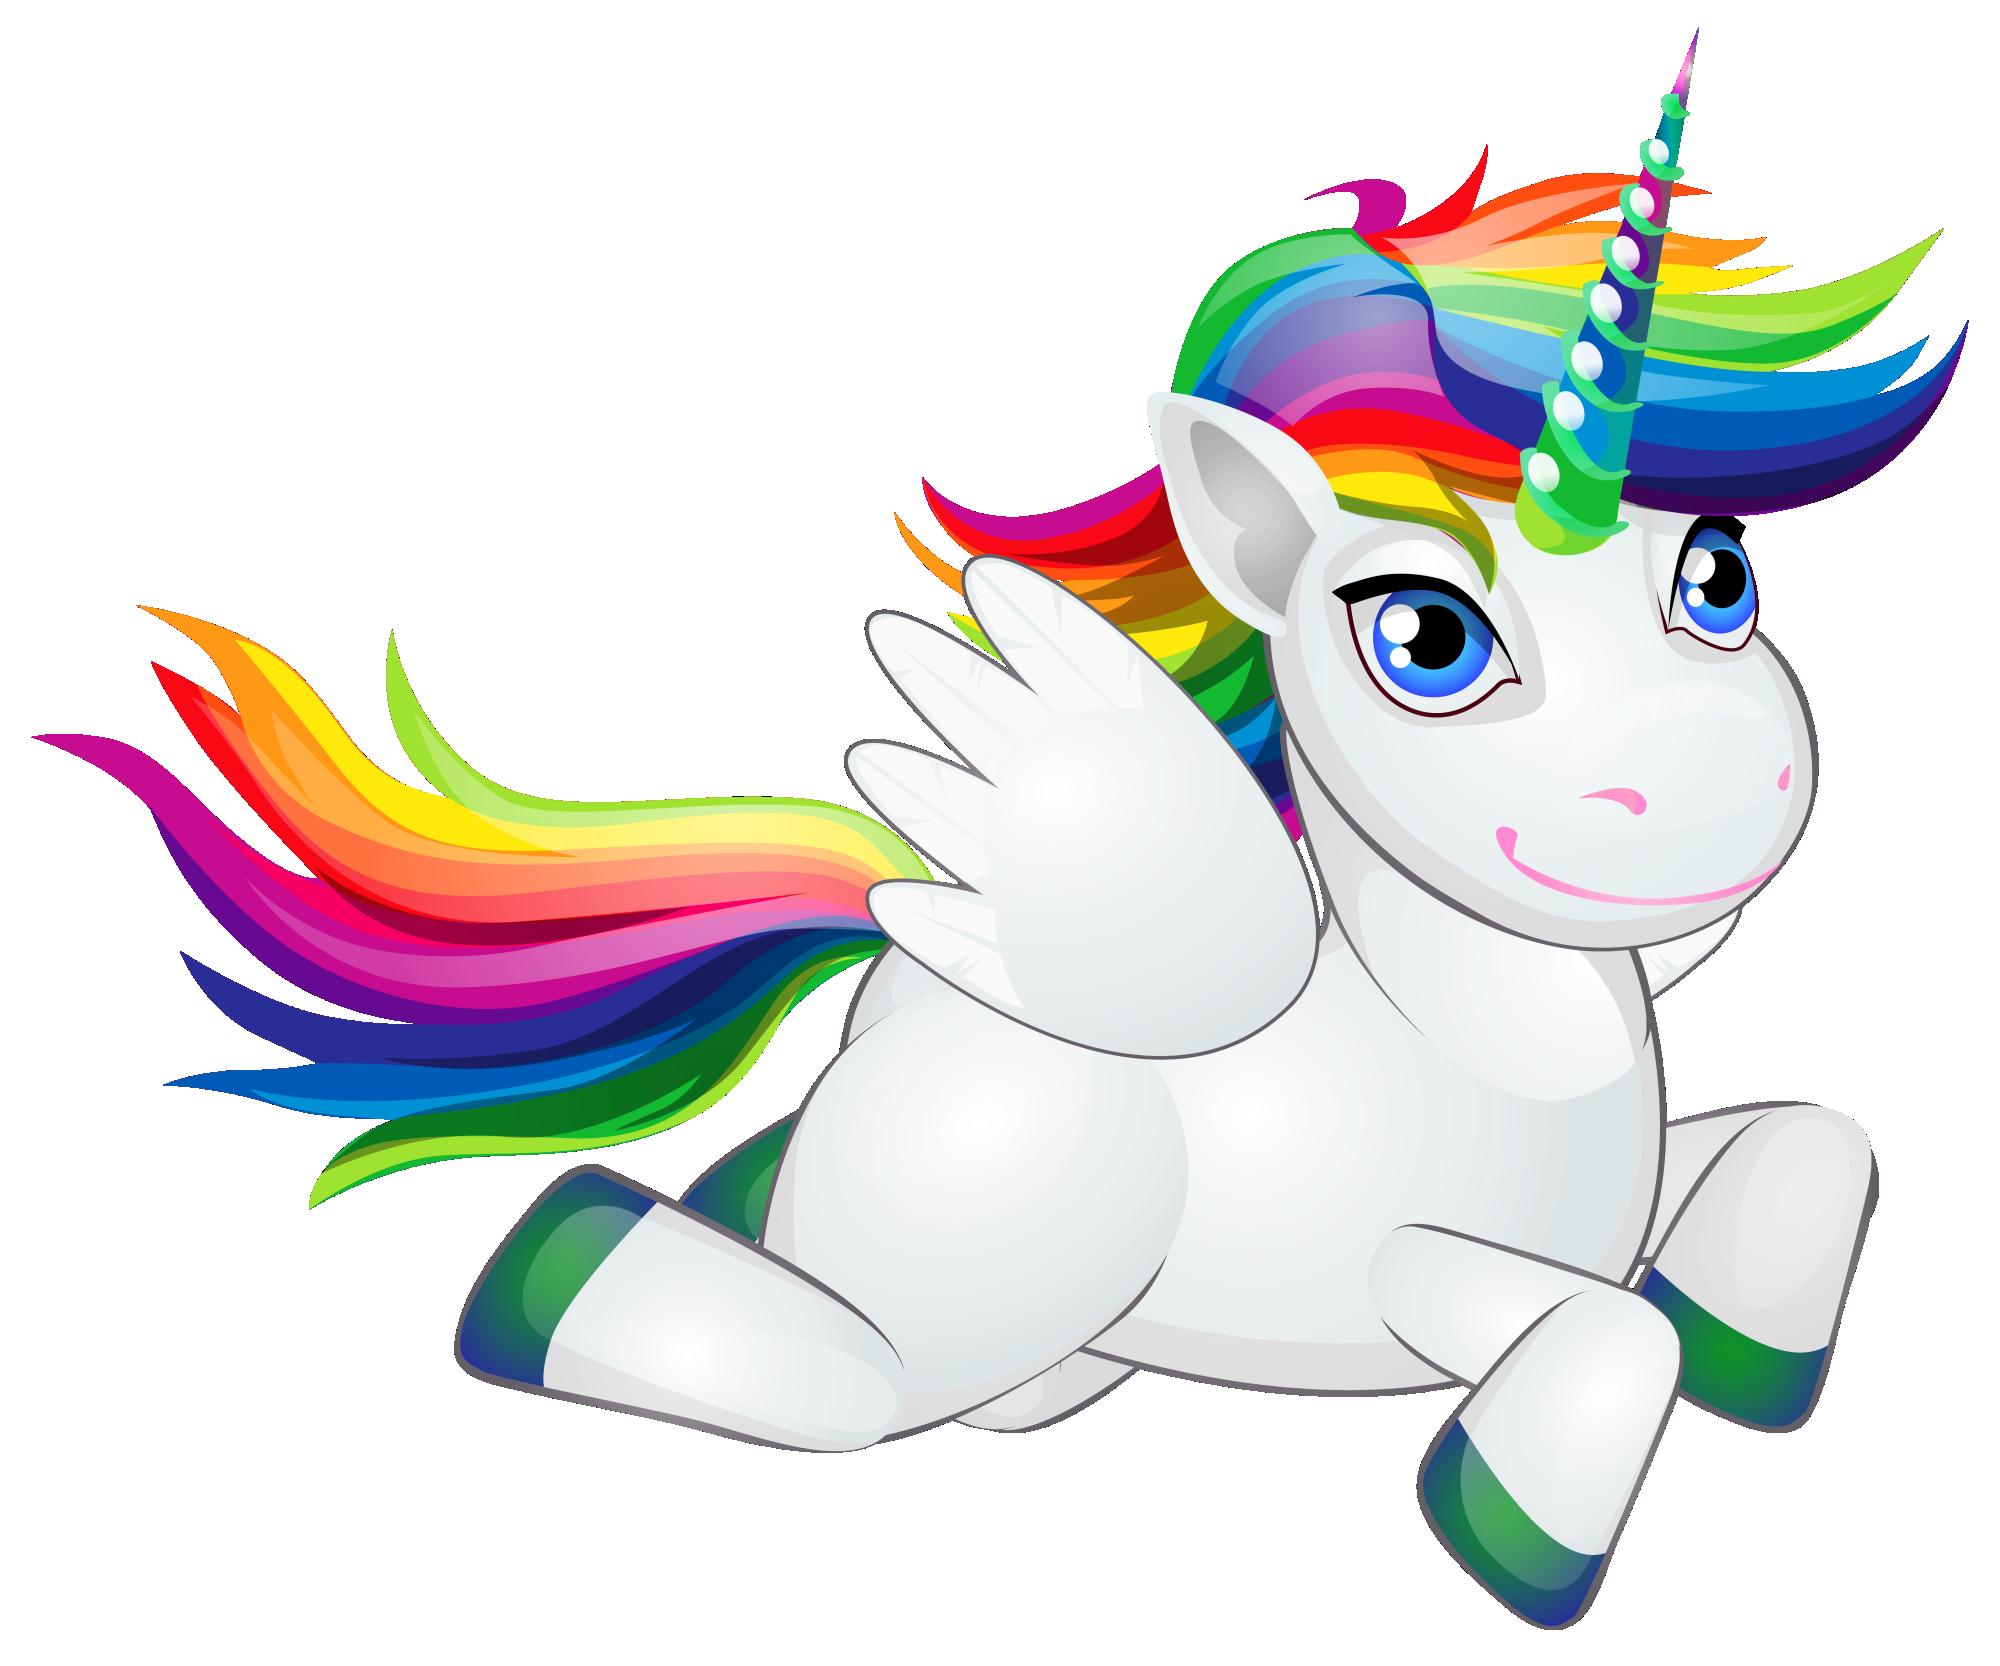 Clipart unicorn design, Clipart unicorn design Transparent ... (2000 x 1666 Pixel)